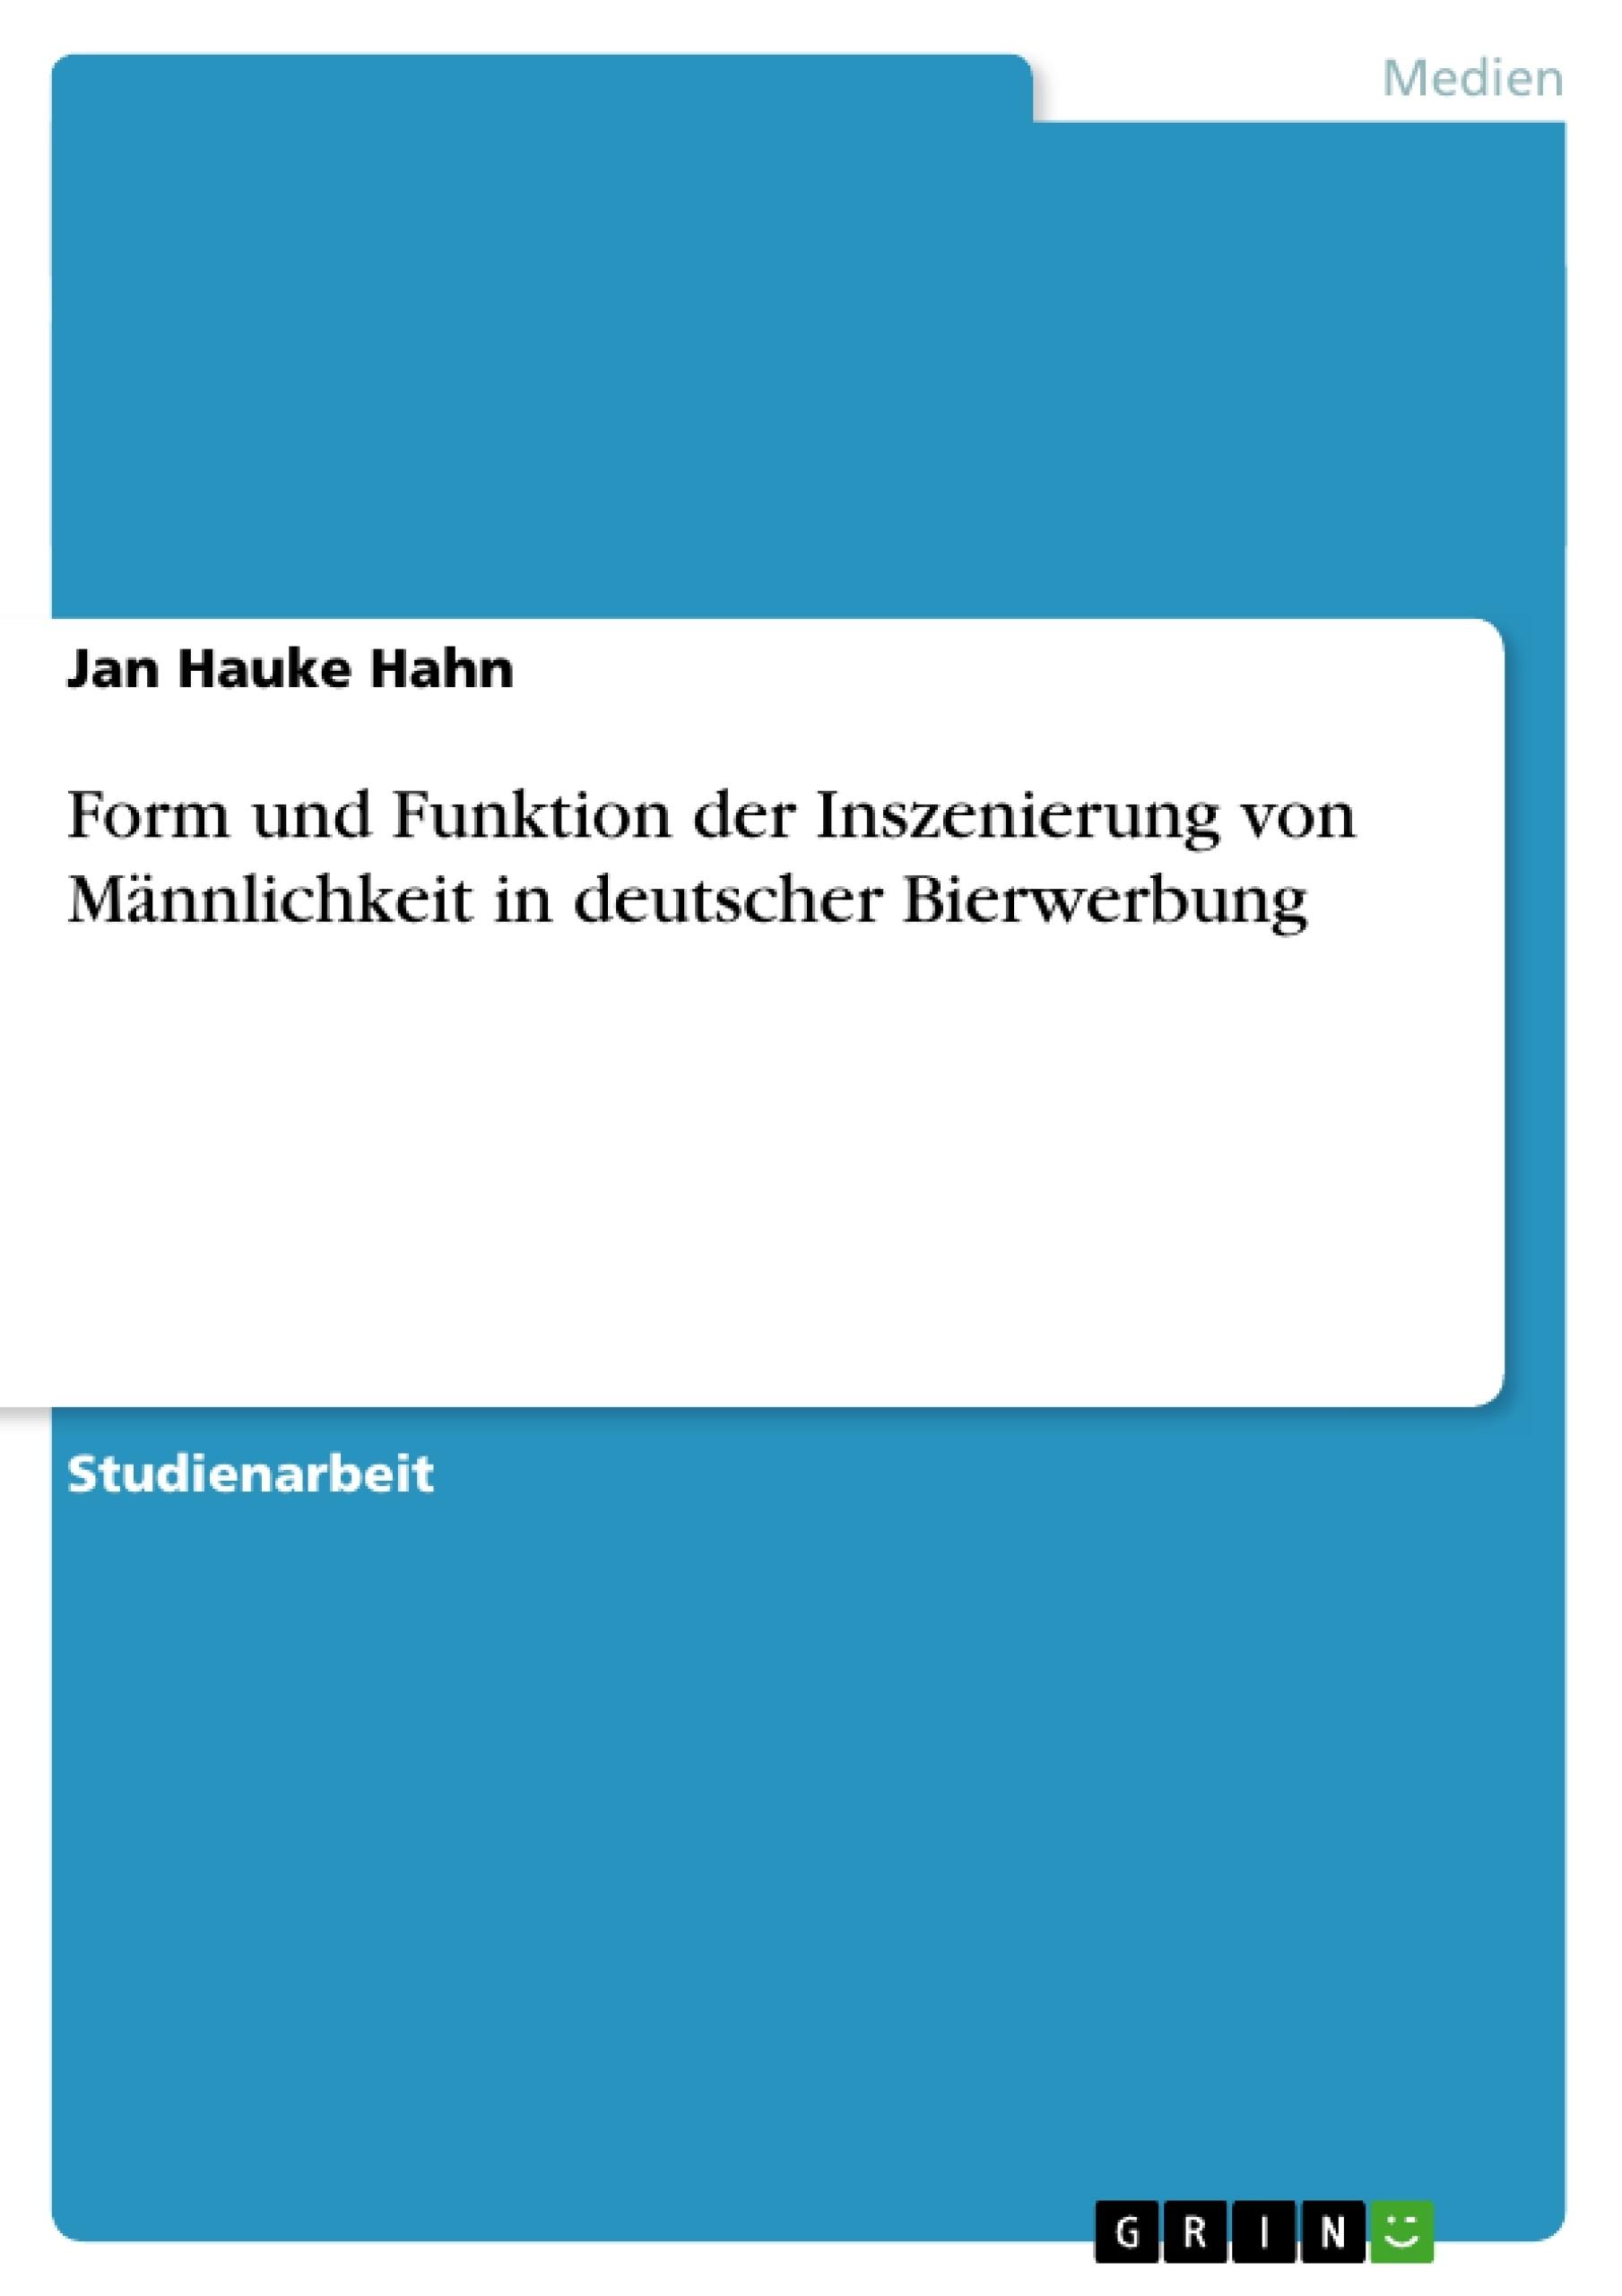 Titel: Form und Funktion der Inszenierung von Männlichkeit in deutscher Bierwerbung